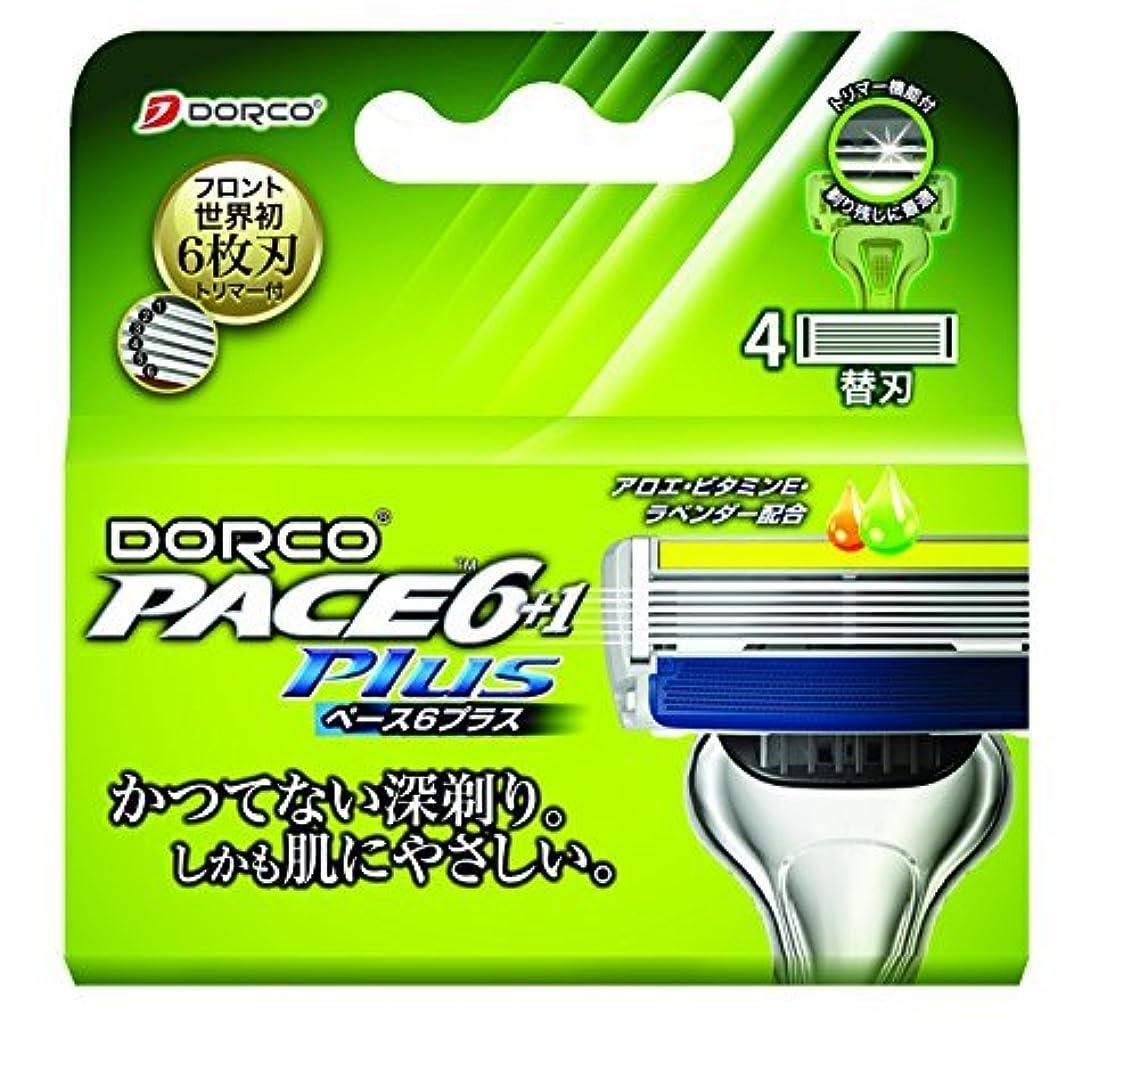 に付けるライトニング怪物DORCO ドルコ PACE6Plus 男性用替刃式 カミソリ6枚刃 替え刃